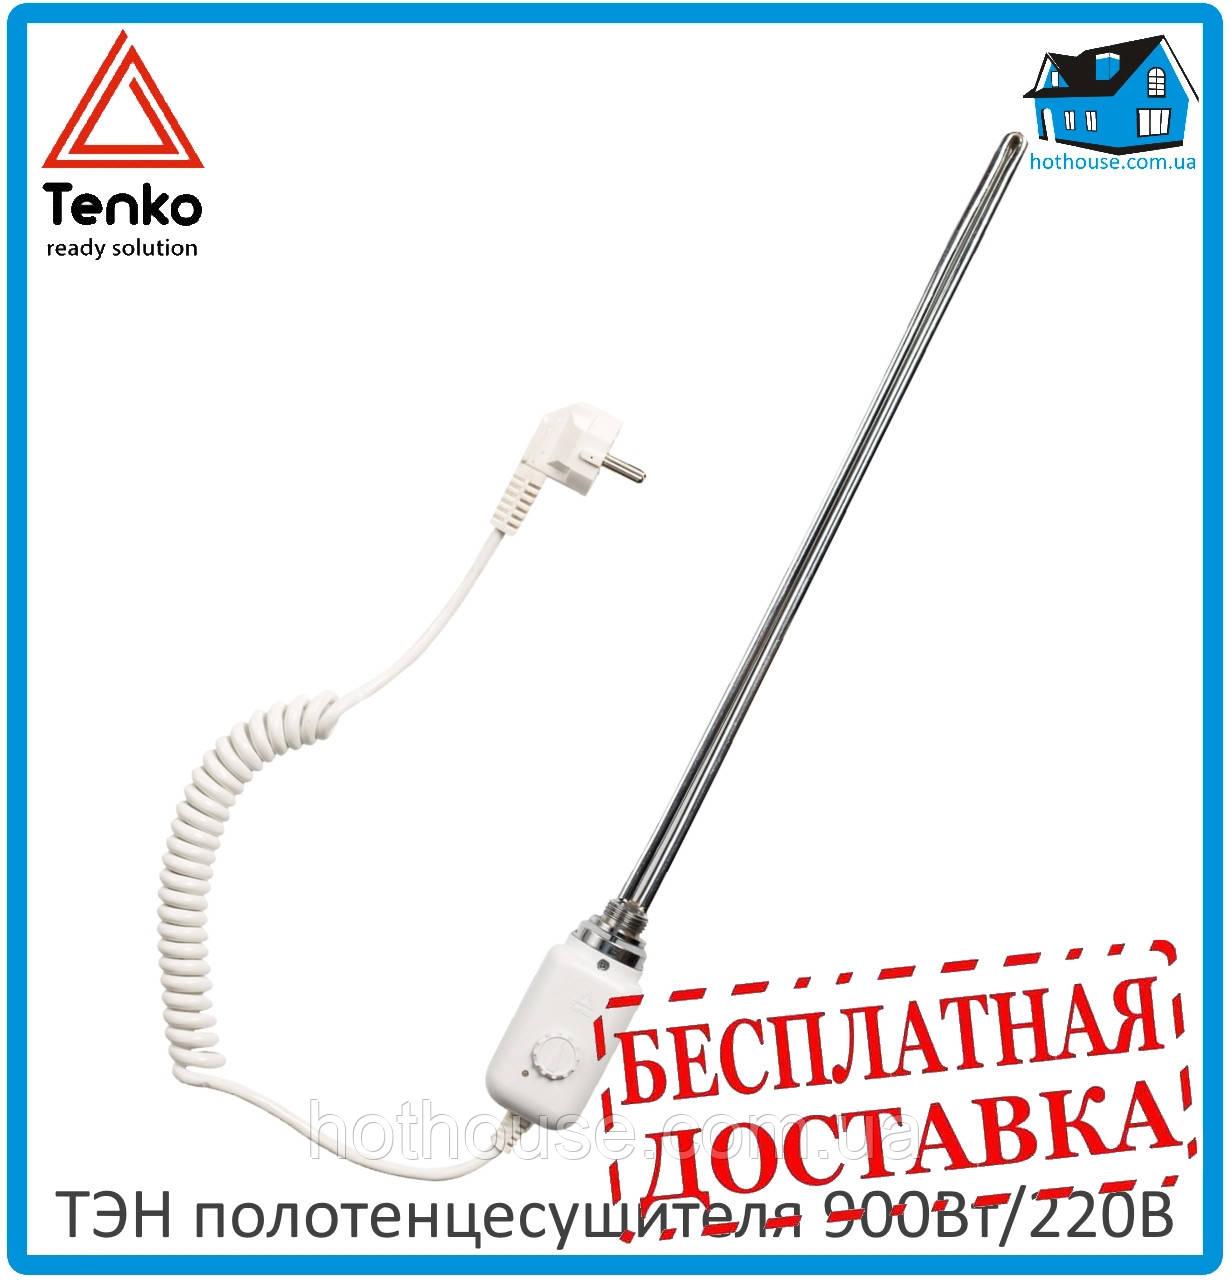 ТЕН для рушникосушки ТЭНКО 900Вт 220В